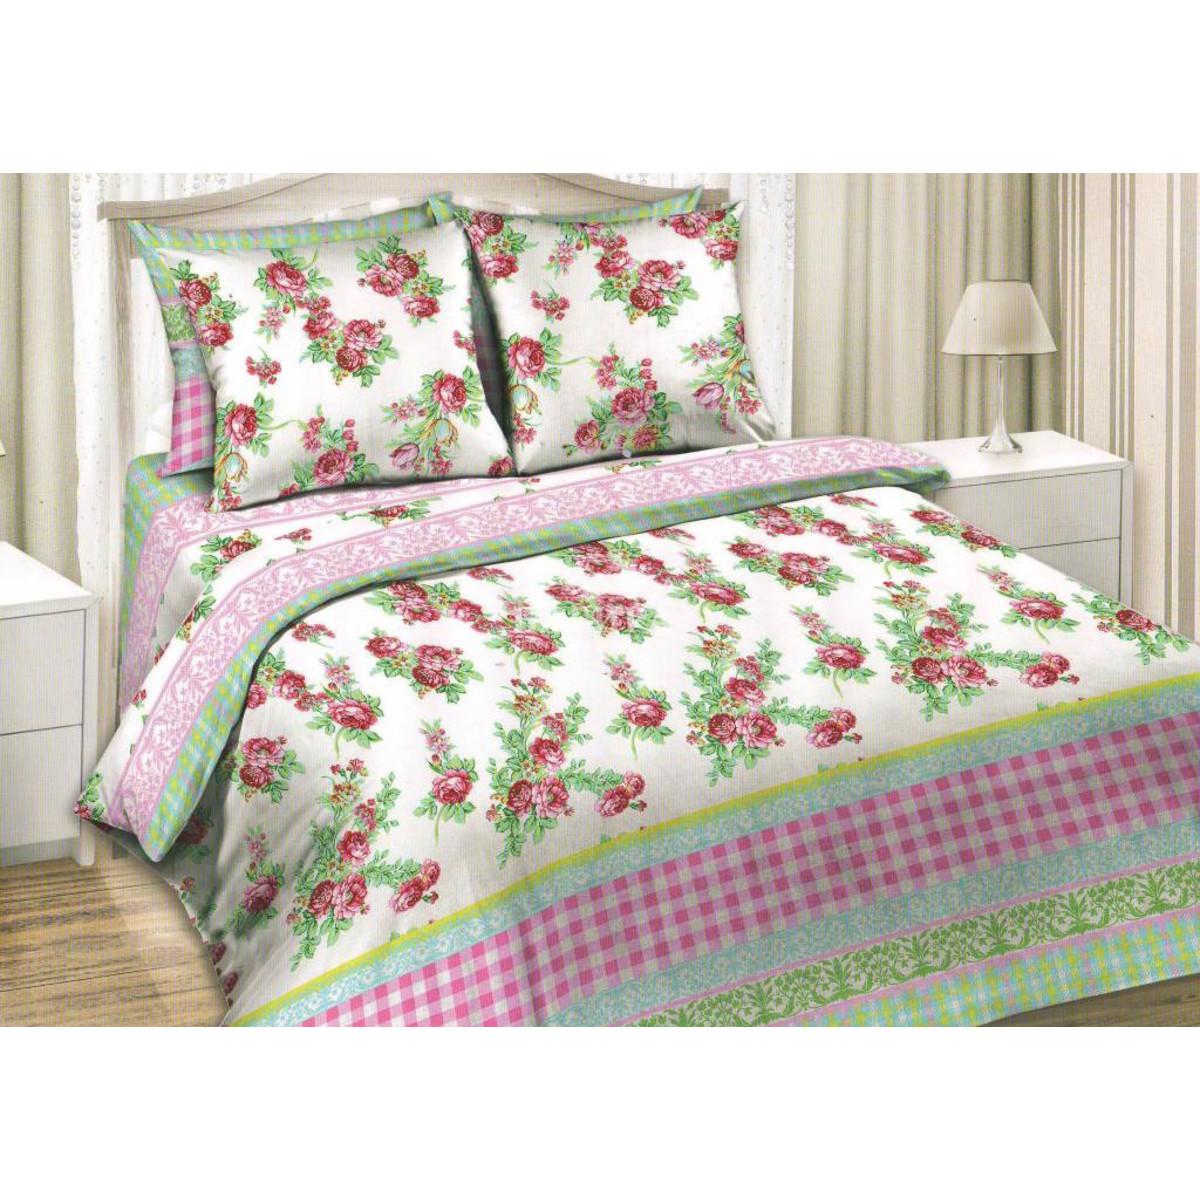 Комлплект постельного белья двуспальный «Весенний сад» бязь 50x70 см